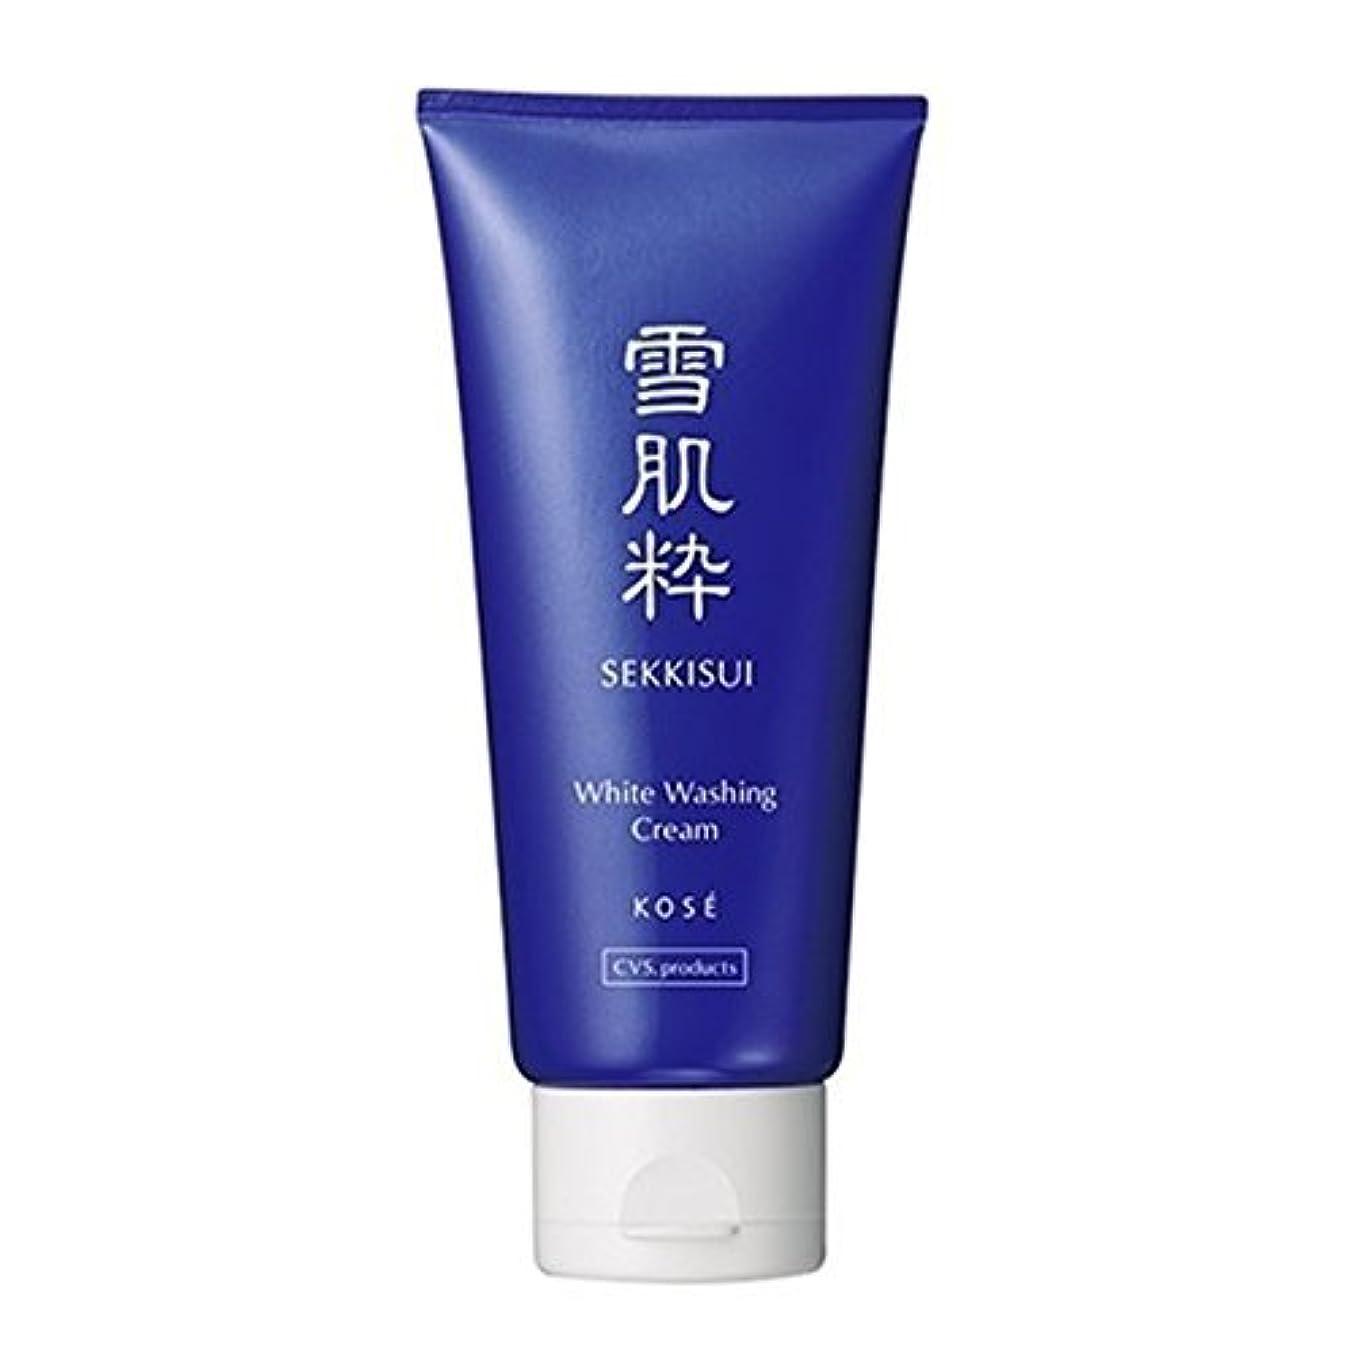 散歩に行く独裁歯科のコーセー 雪肌粋 ホワイト洗顔クリーム Kose Sekkisui White Washing Cream 80g×3本